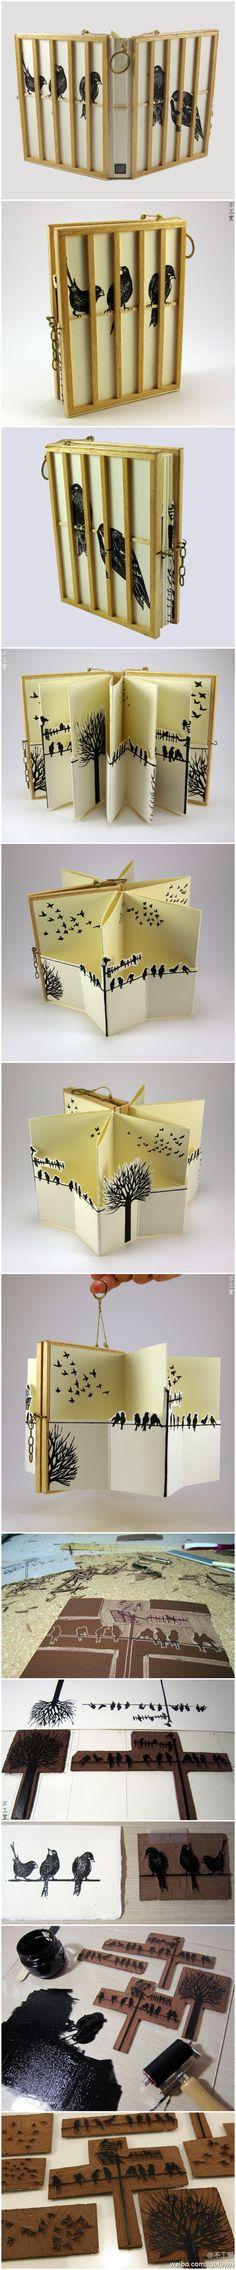 cage bird book目前居住在...来自ZIIy的图片分享-堆糖